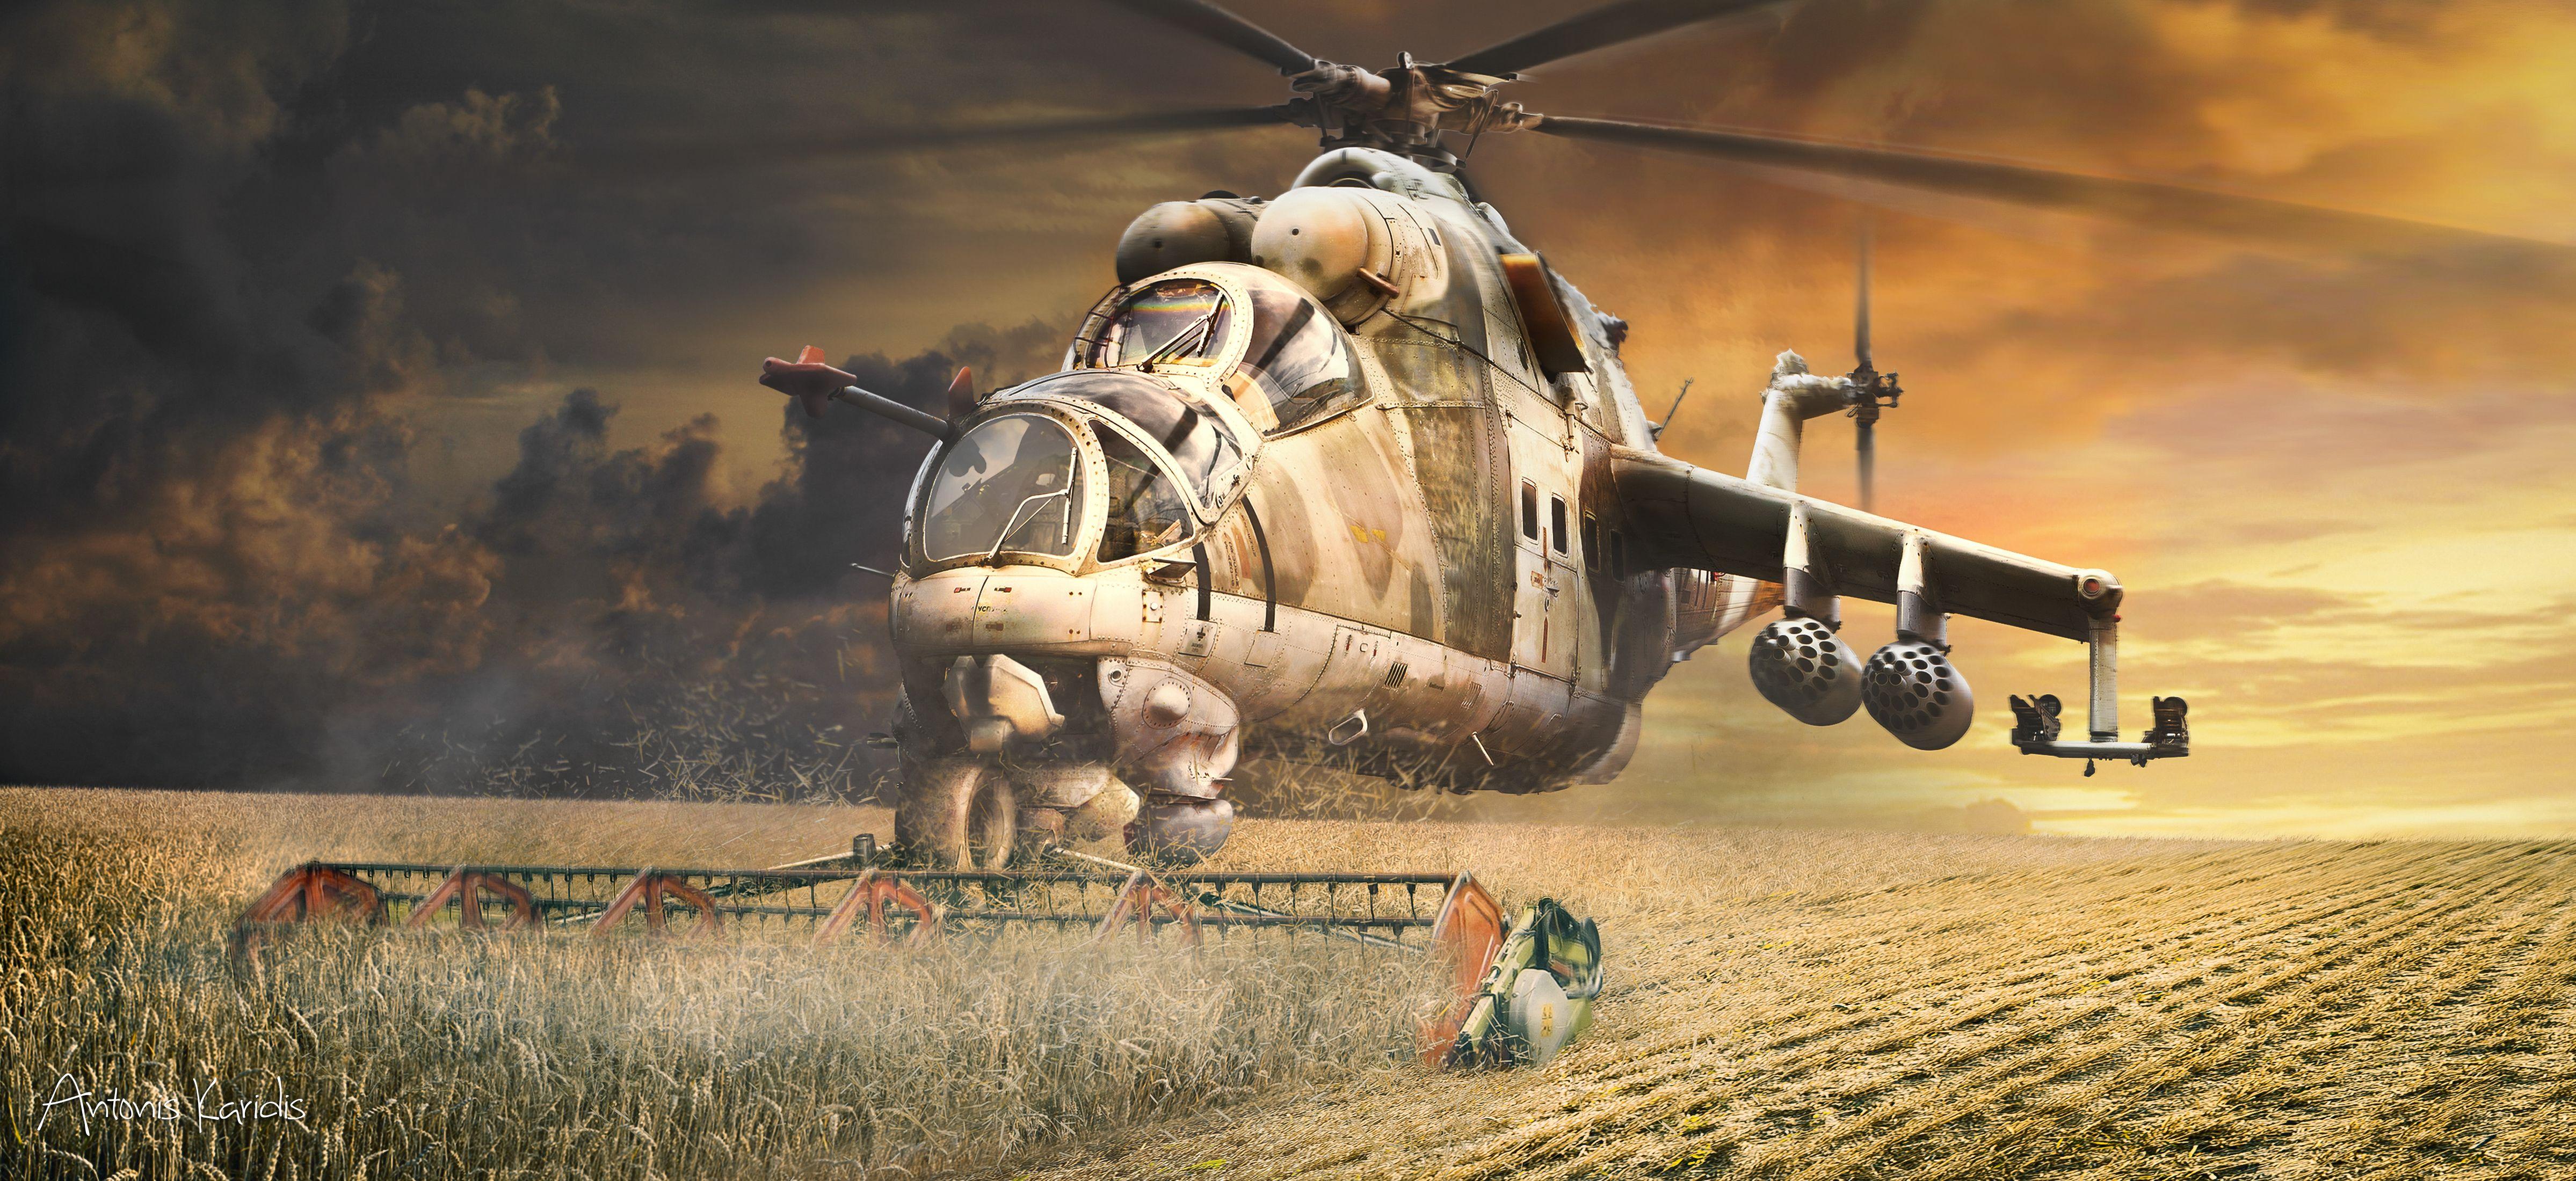 Обои боевой, вертолёт. Авиация foto 11